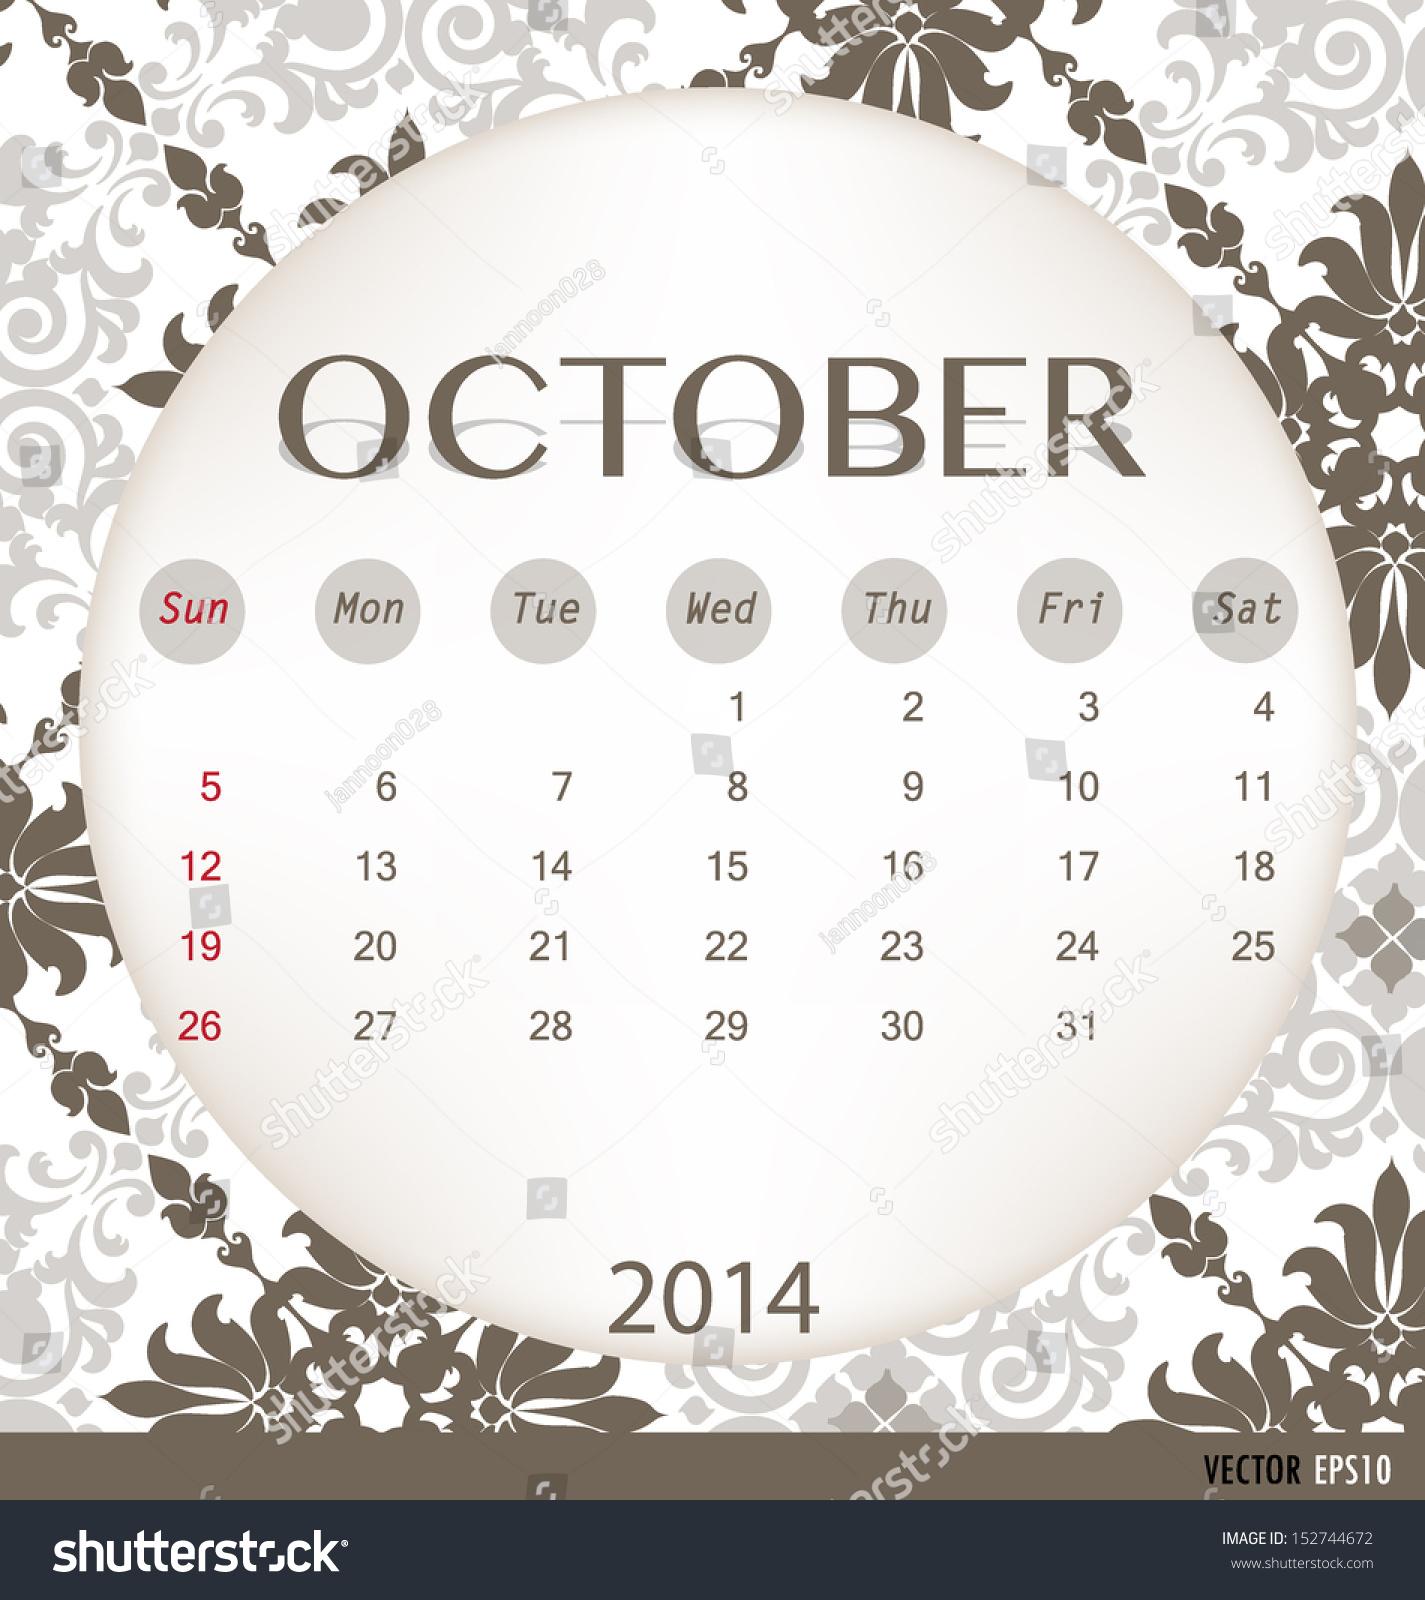 October Calendar Illustration : Calendar vintage template for october